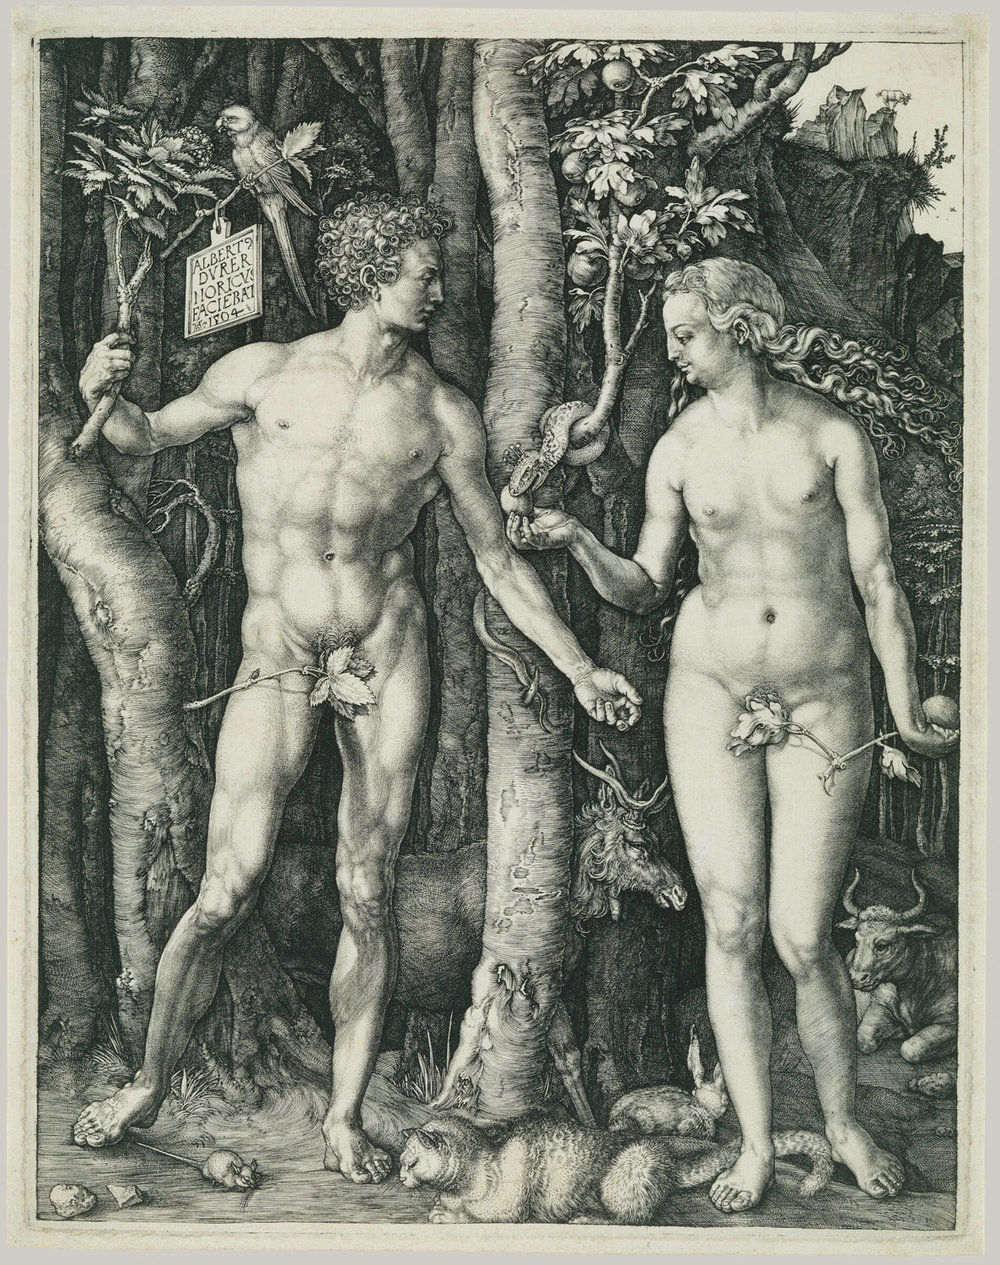 Albrecht Dürer Adam and Eve engraved print, c 1504